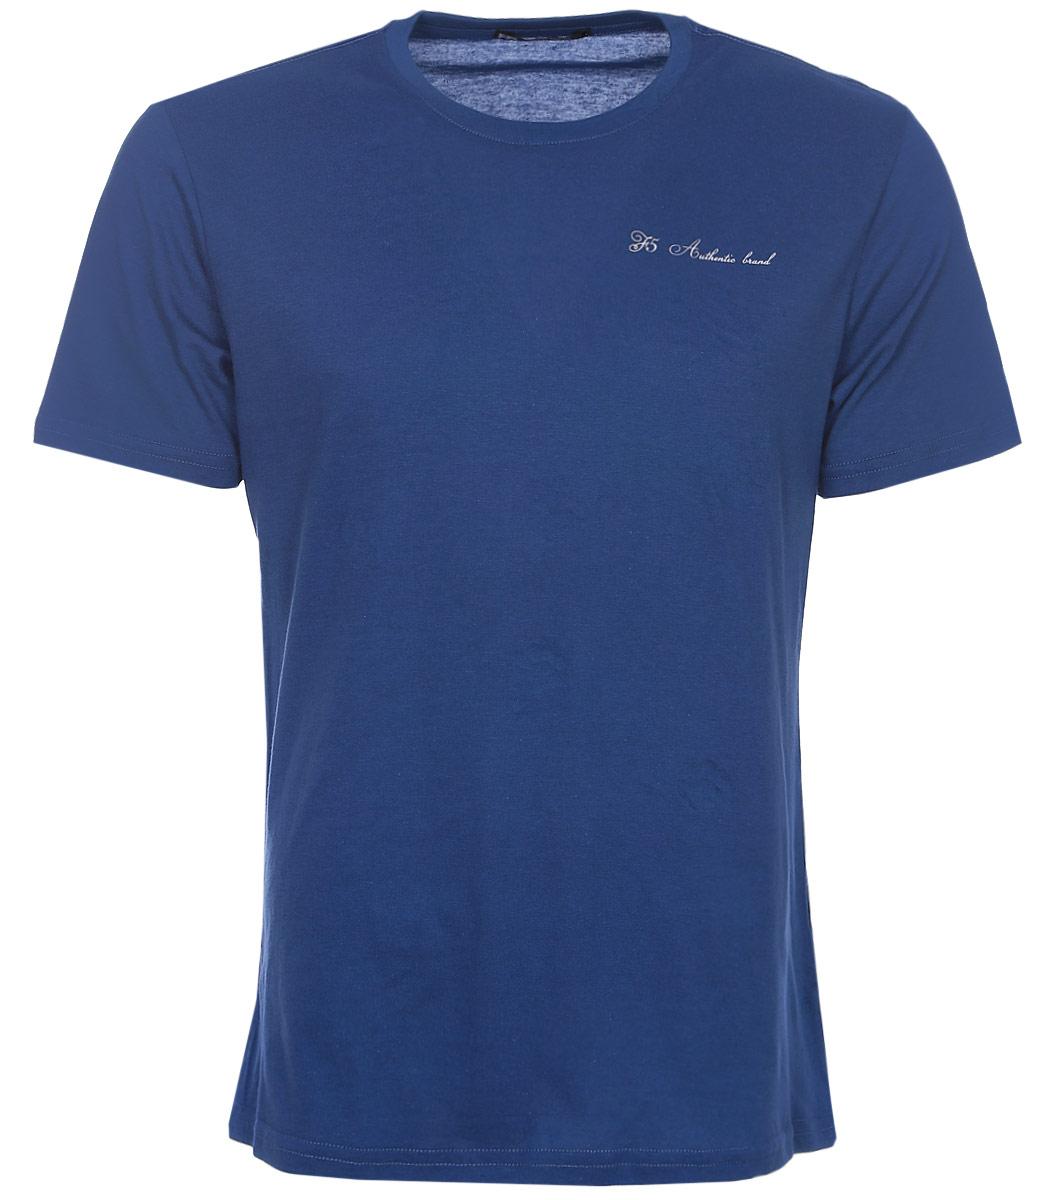 Футболка мужская F5, цвет: синий. 170095_02285. Размер XXXL (56)170095_02285/Trace, TR Plain, indigoМужская футболка F5, изготовленная из качественного материала, поможет создать модный образ и станет отличным дополнением к повседневному гардеробу. Модель полуприлегающего кроя оформлена оригинальным принтом.